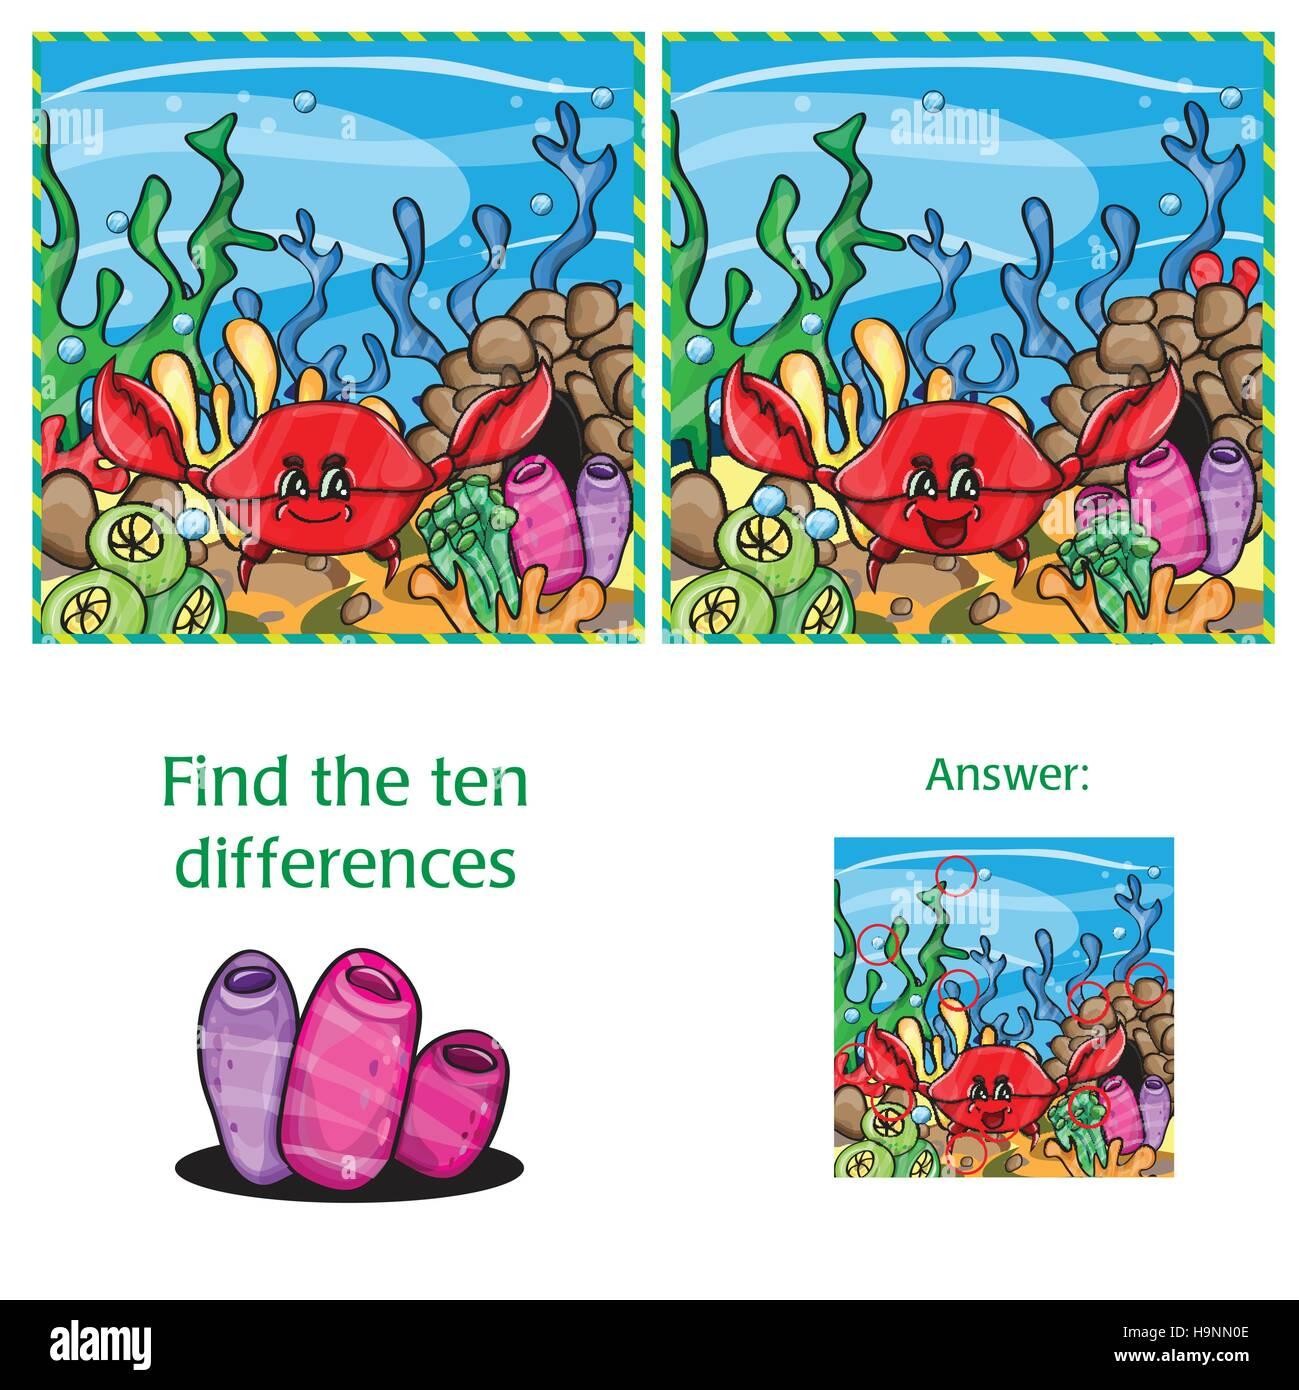 Visual juego encontrar 10 diferencias con respuesta - Archivo vectorial Imagen De Stock